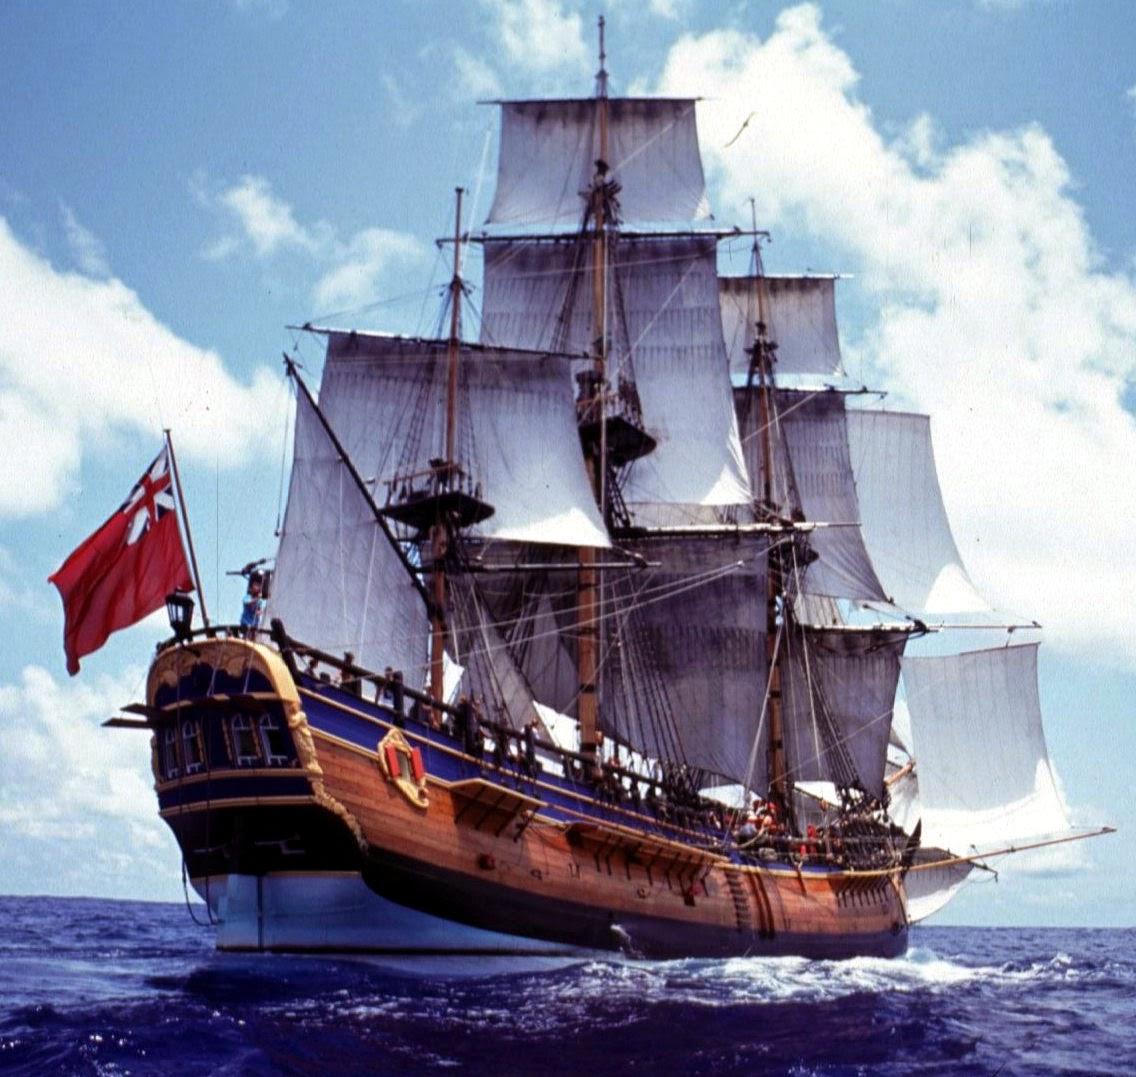 Conoce todo lo referente sobre los barcos de piratas del caribe - Todo sobre barcos ...